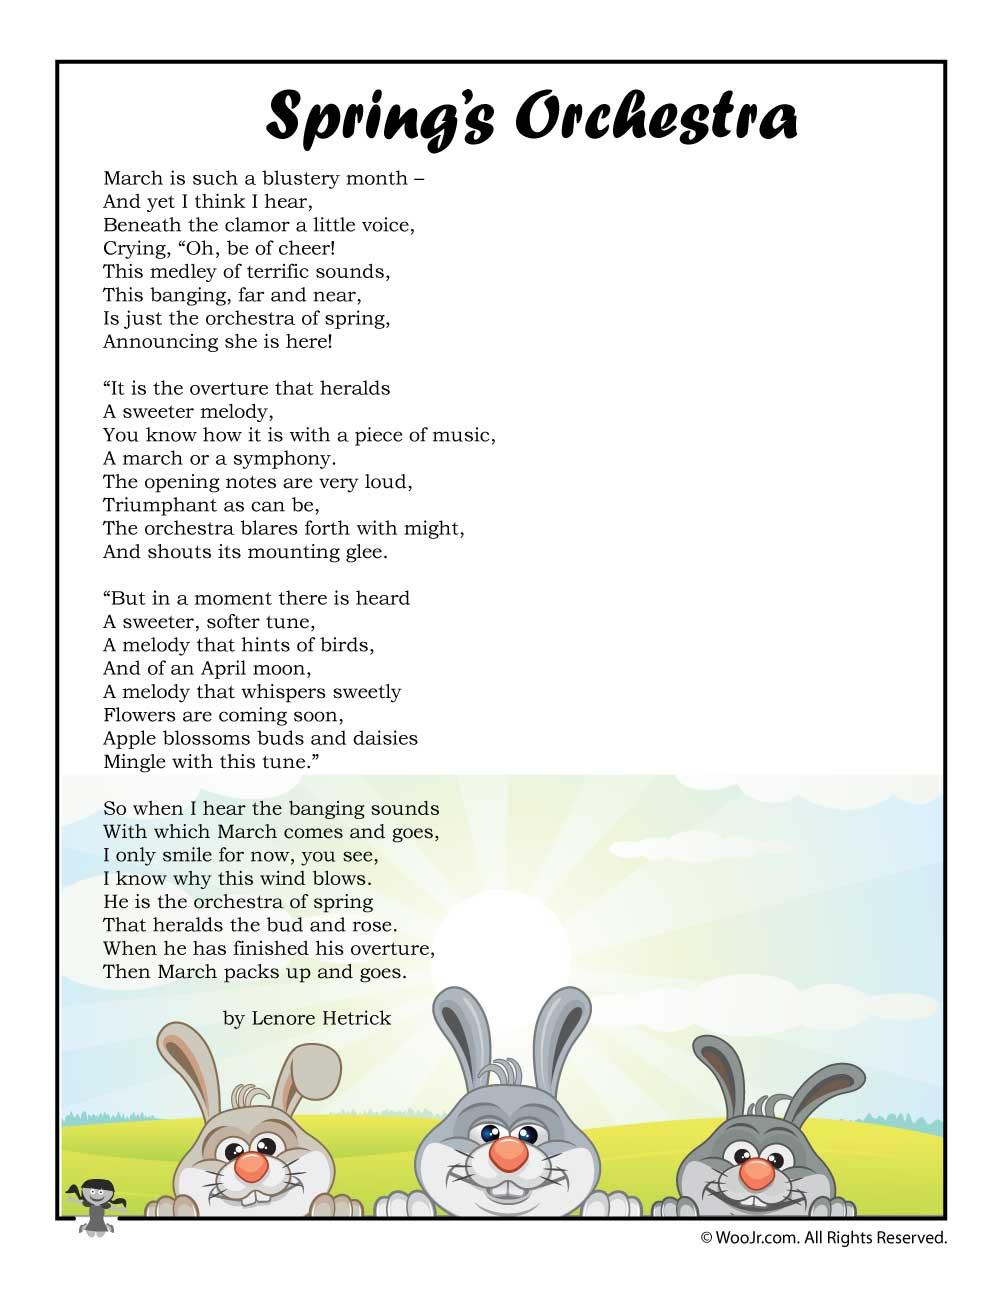 Springu0027s Orchestra Childrenu0027s Poem Printable | Woo! Jr. Kids Activities